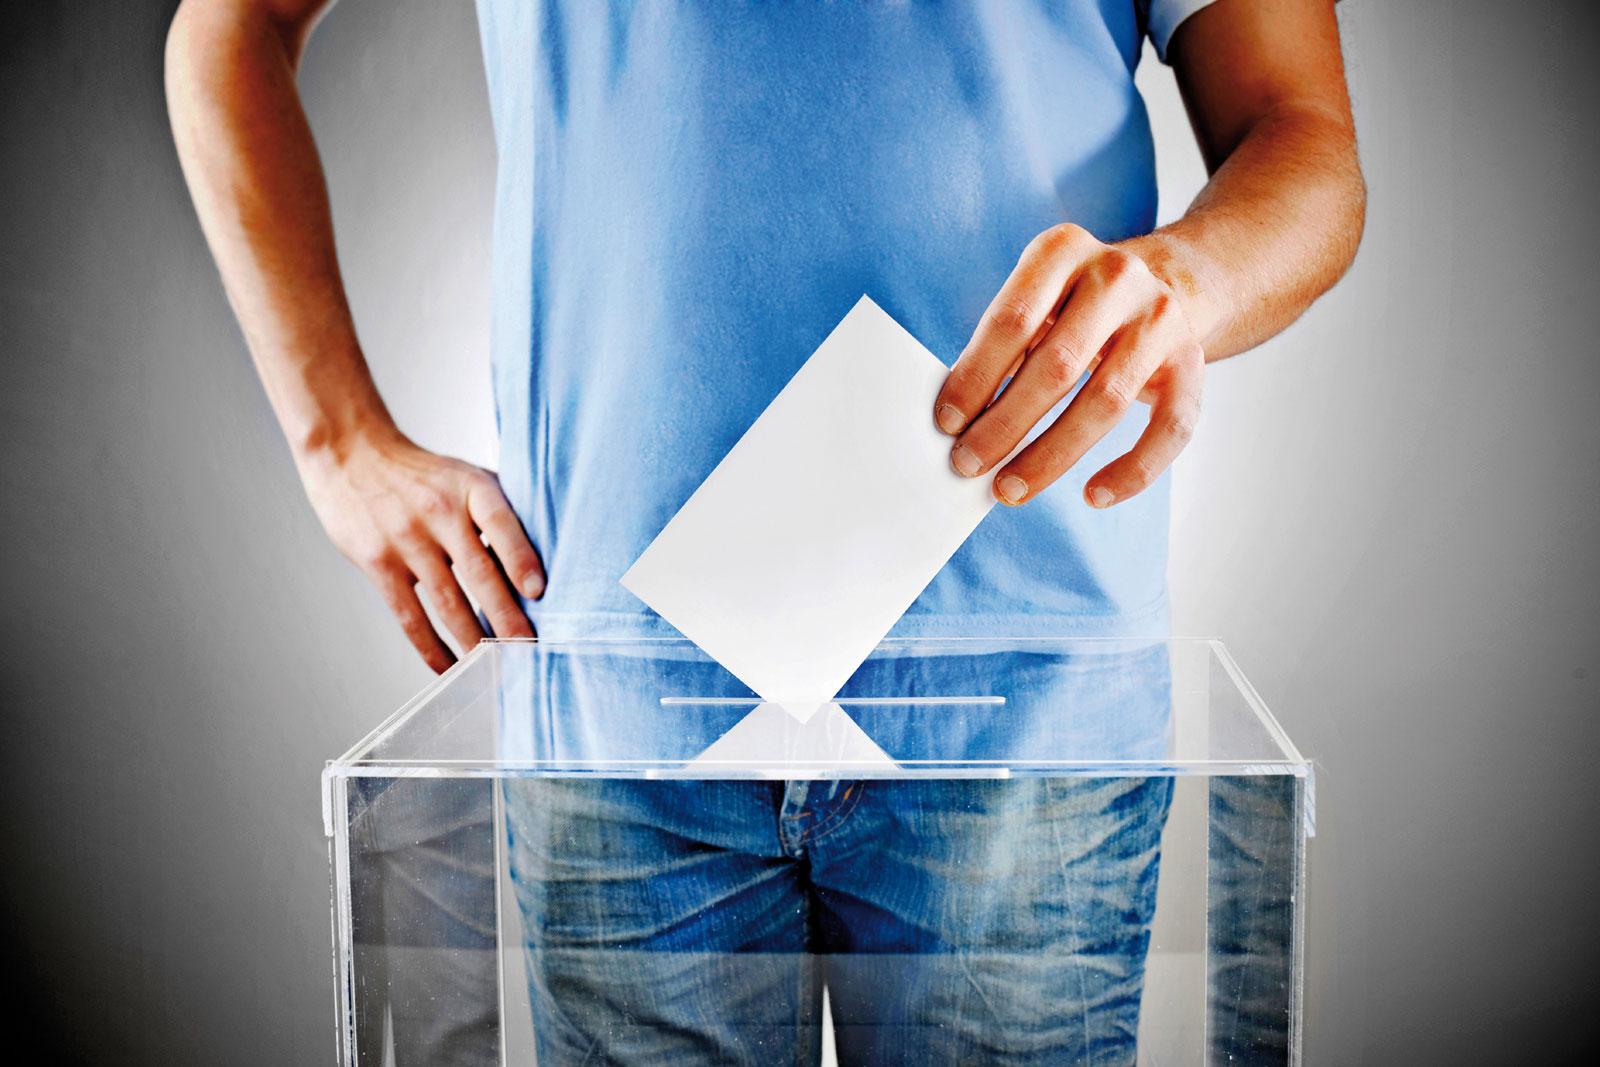 Législatives au Togo: le guide de membre du bureau de vote déjà disponible